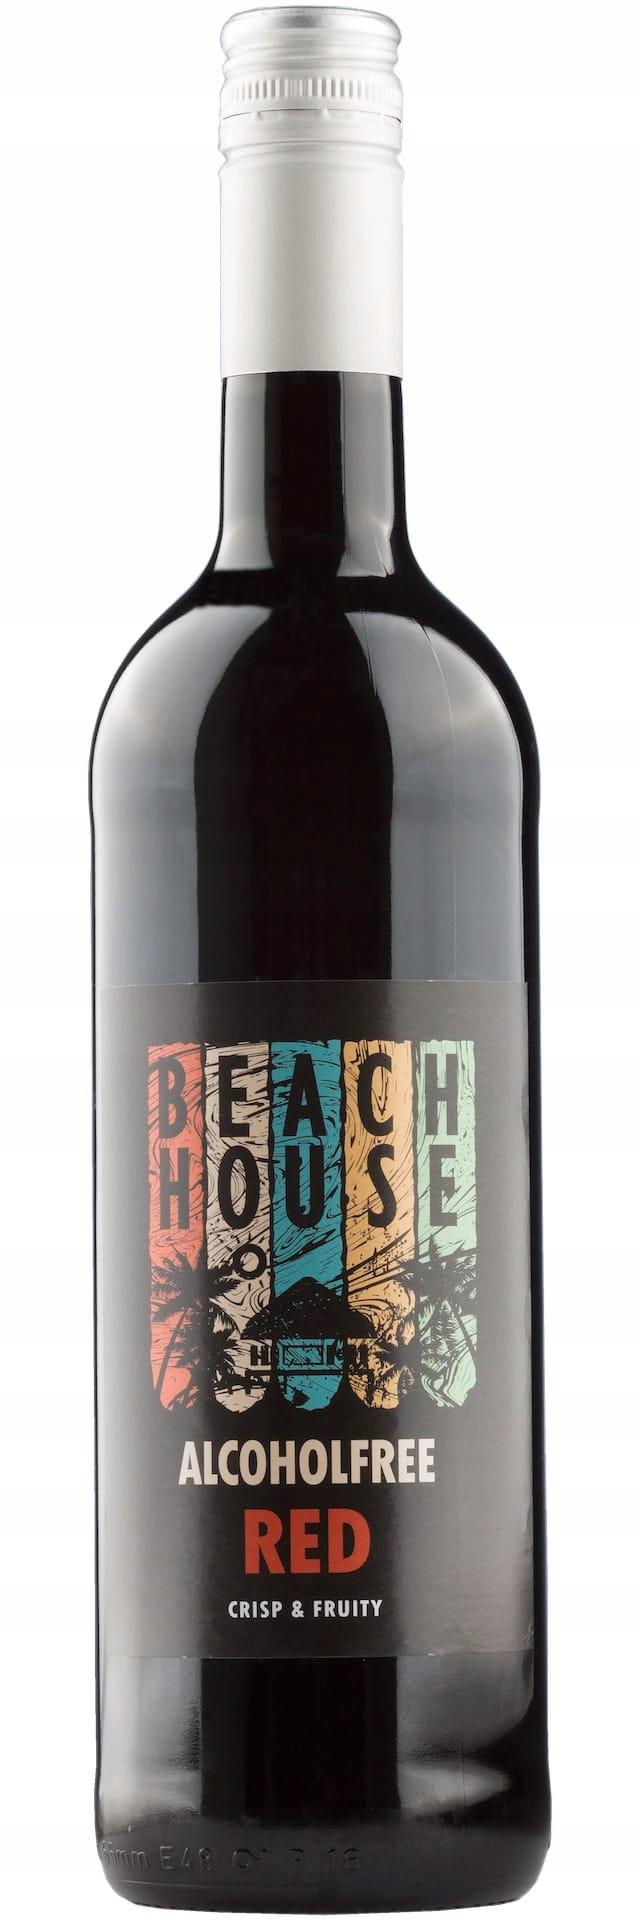 BEACH HOUSE - сладкое красное безалкогольное вино.